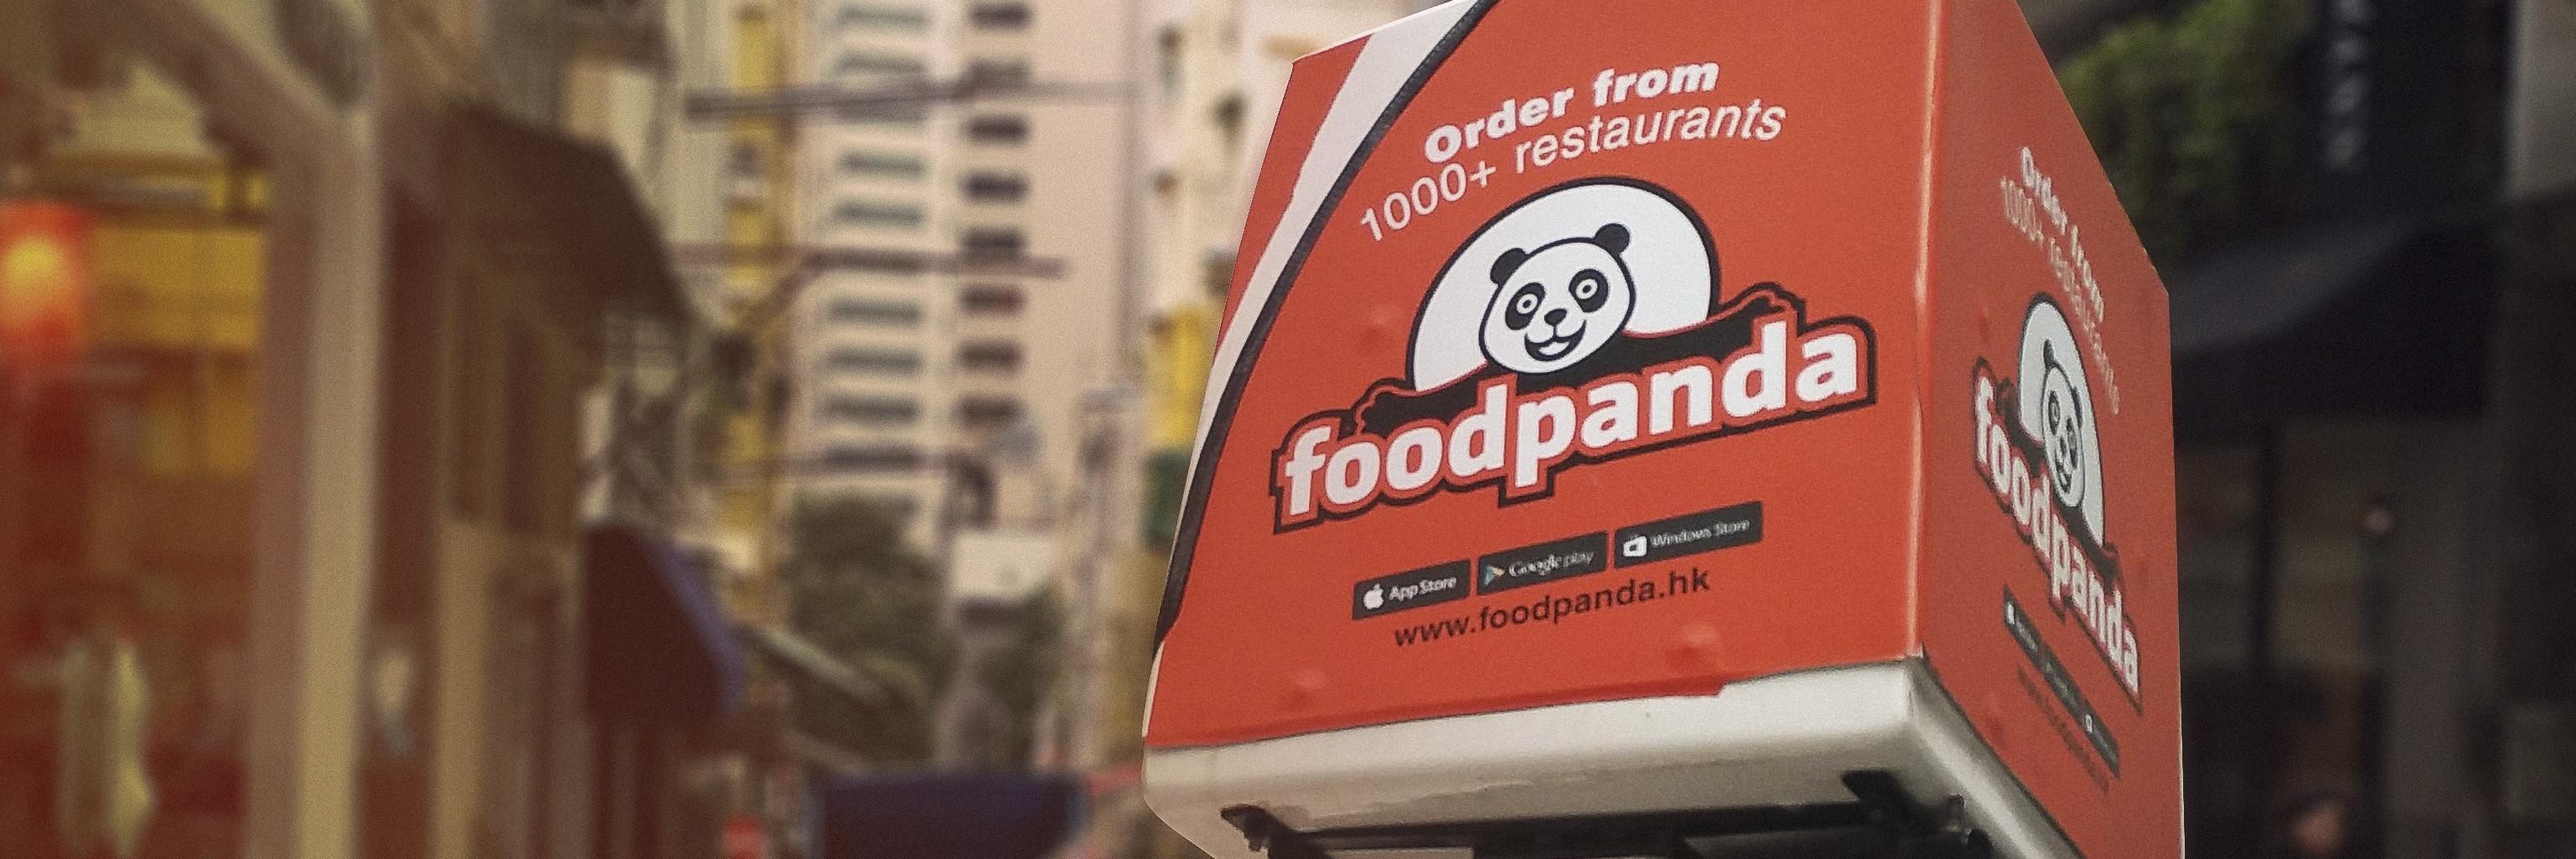 Hong Kong's Foodpanda | The Marketing Society